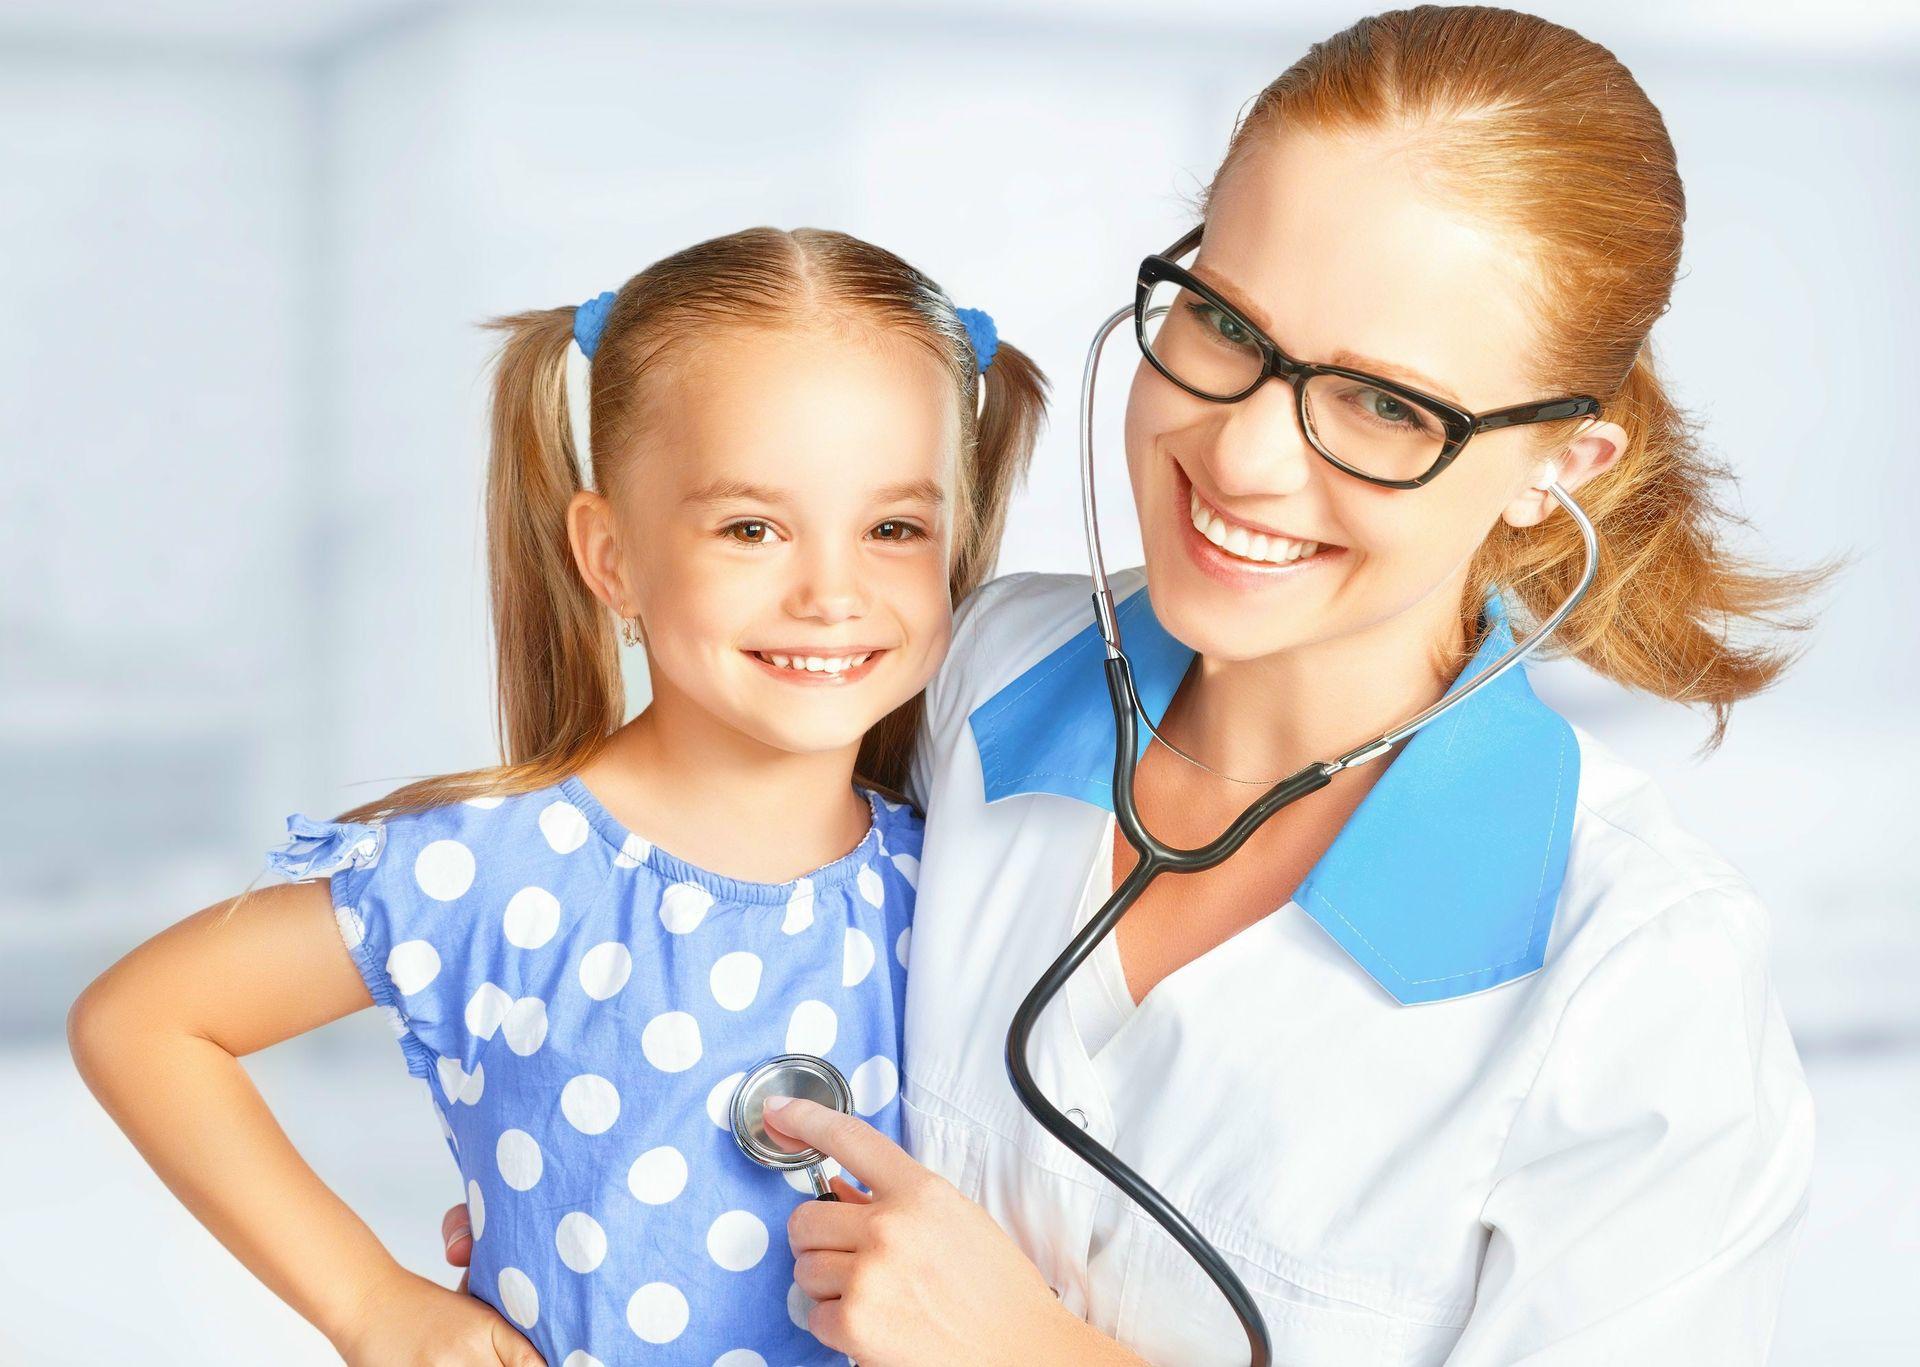 bigstock-doctor-pediatrician-and-child-98969531-care